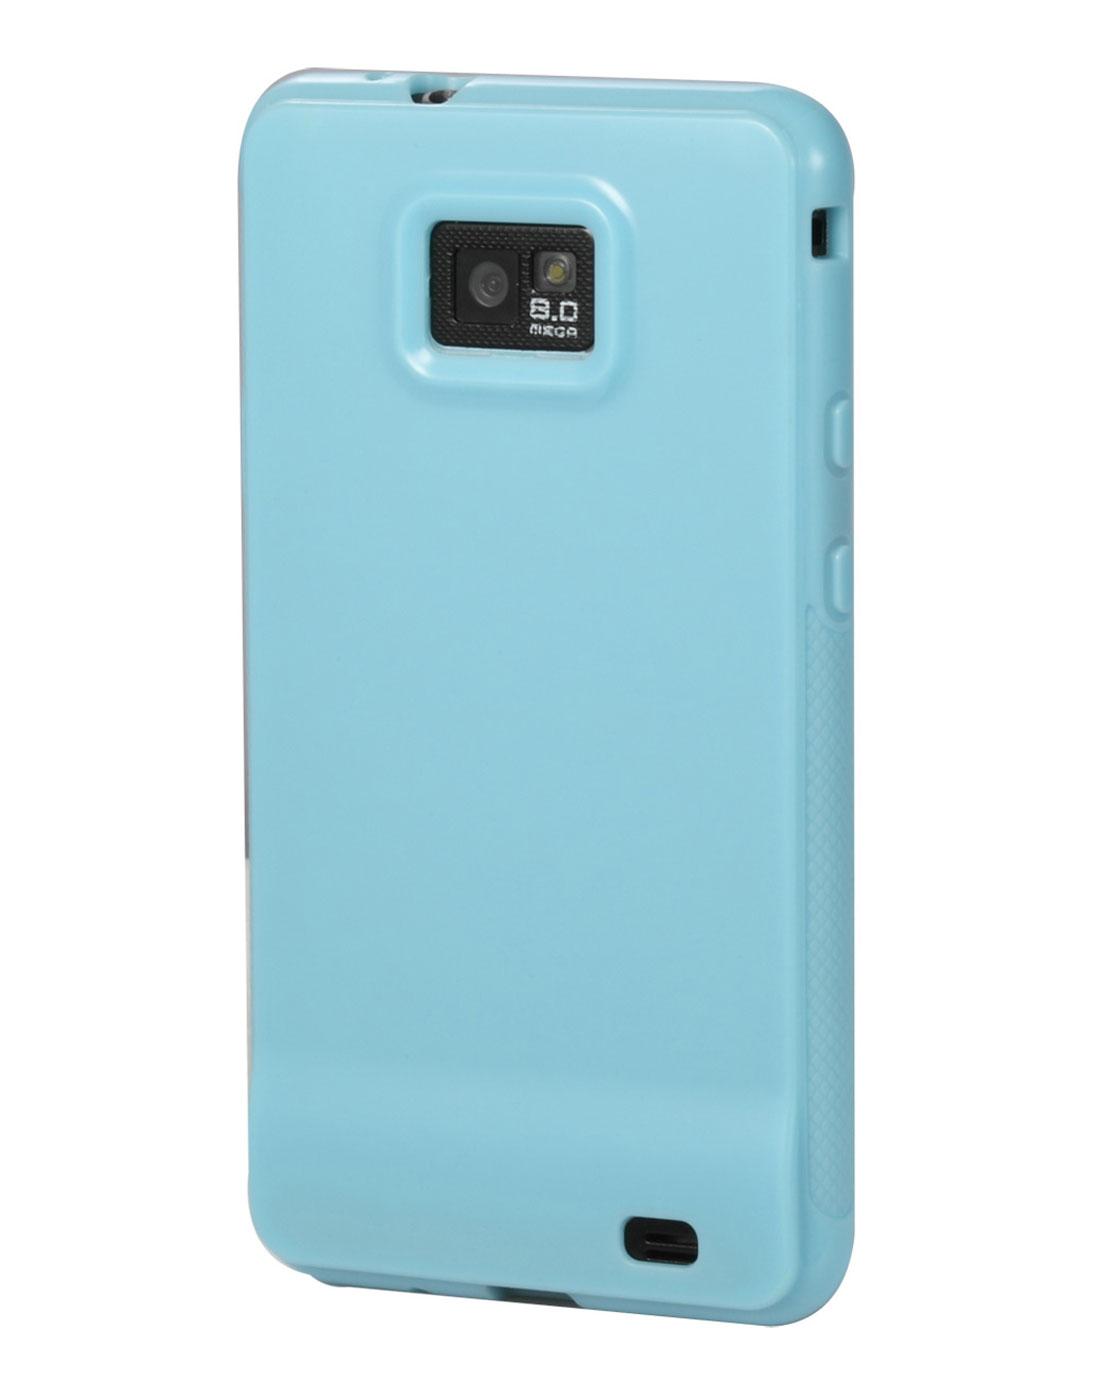 [ 麦利多 ] 三星i9100 蓝色时尚实色手机壳